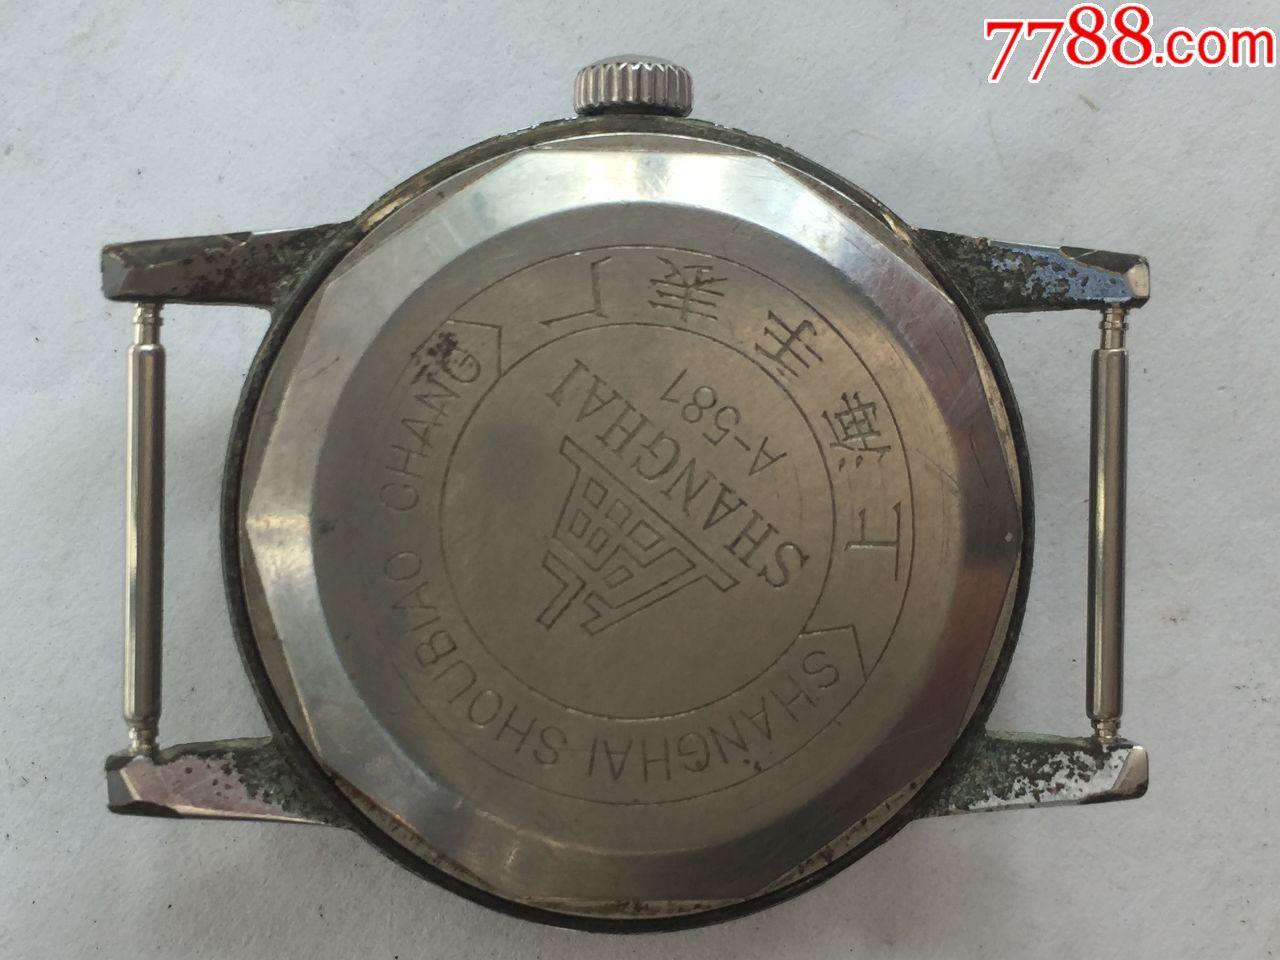 非常少见波纹面上海拼音是油印的上海581机械